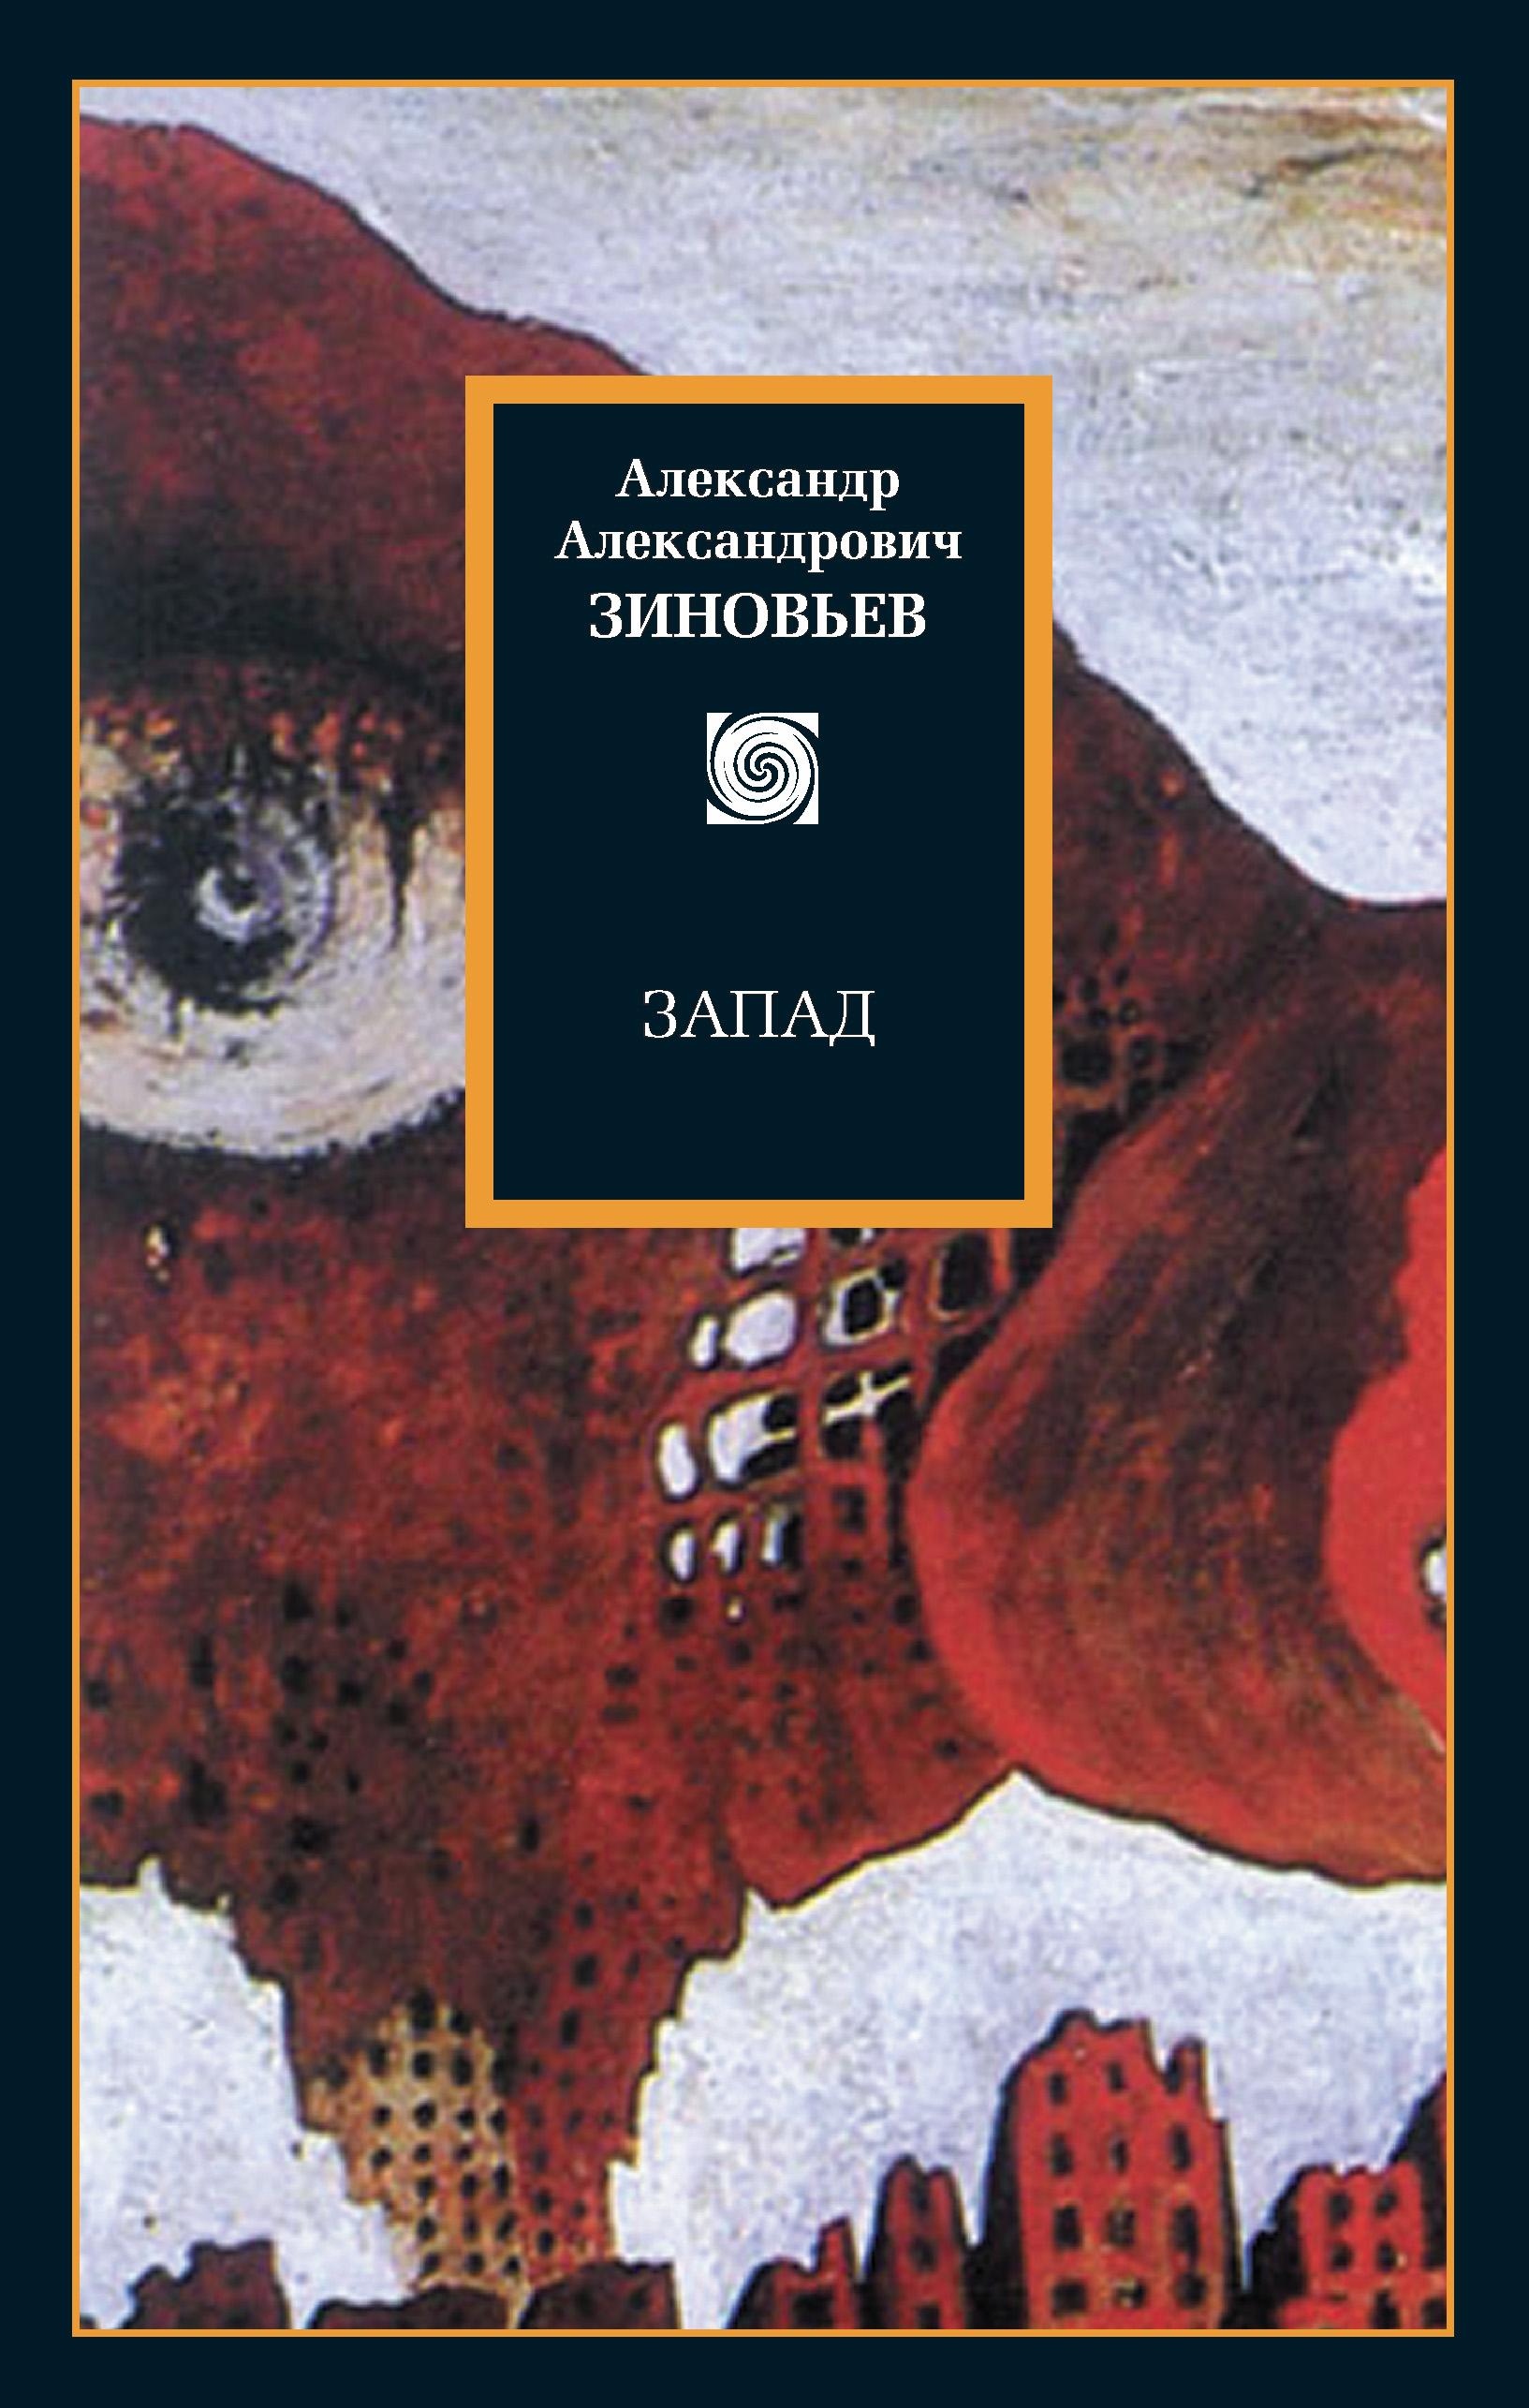 Александр Зиновьев Запад. Избранные сочинения (сборник)